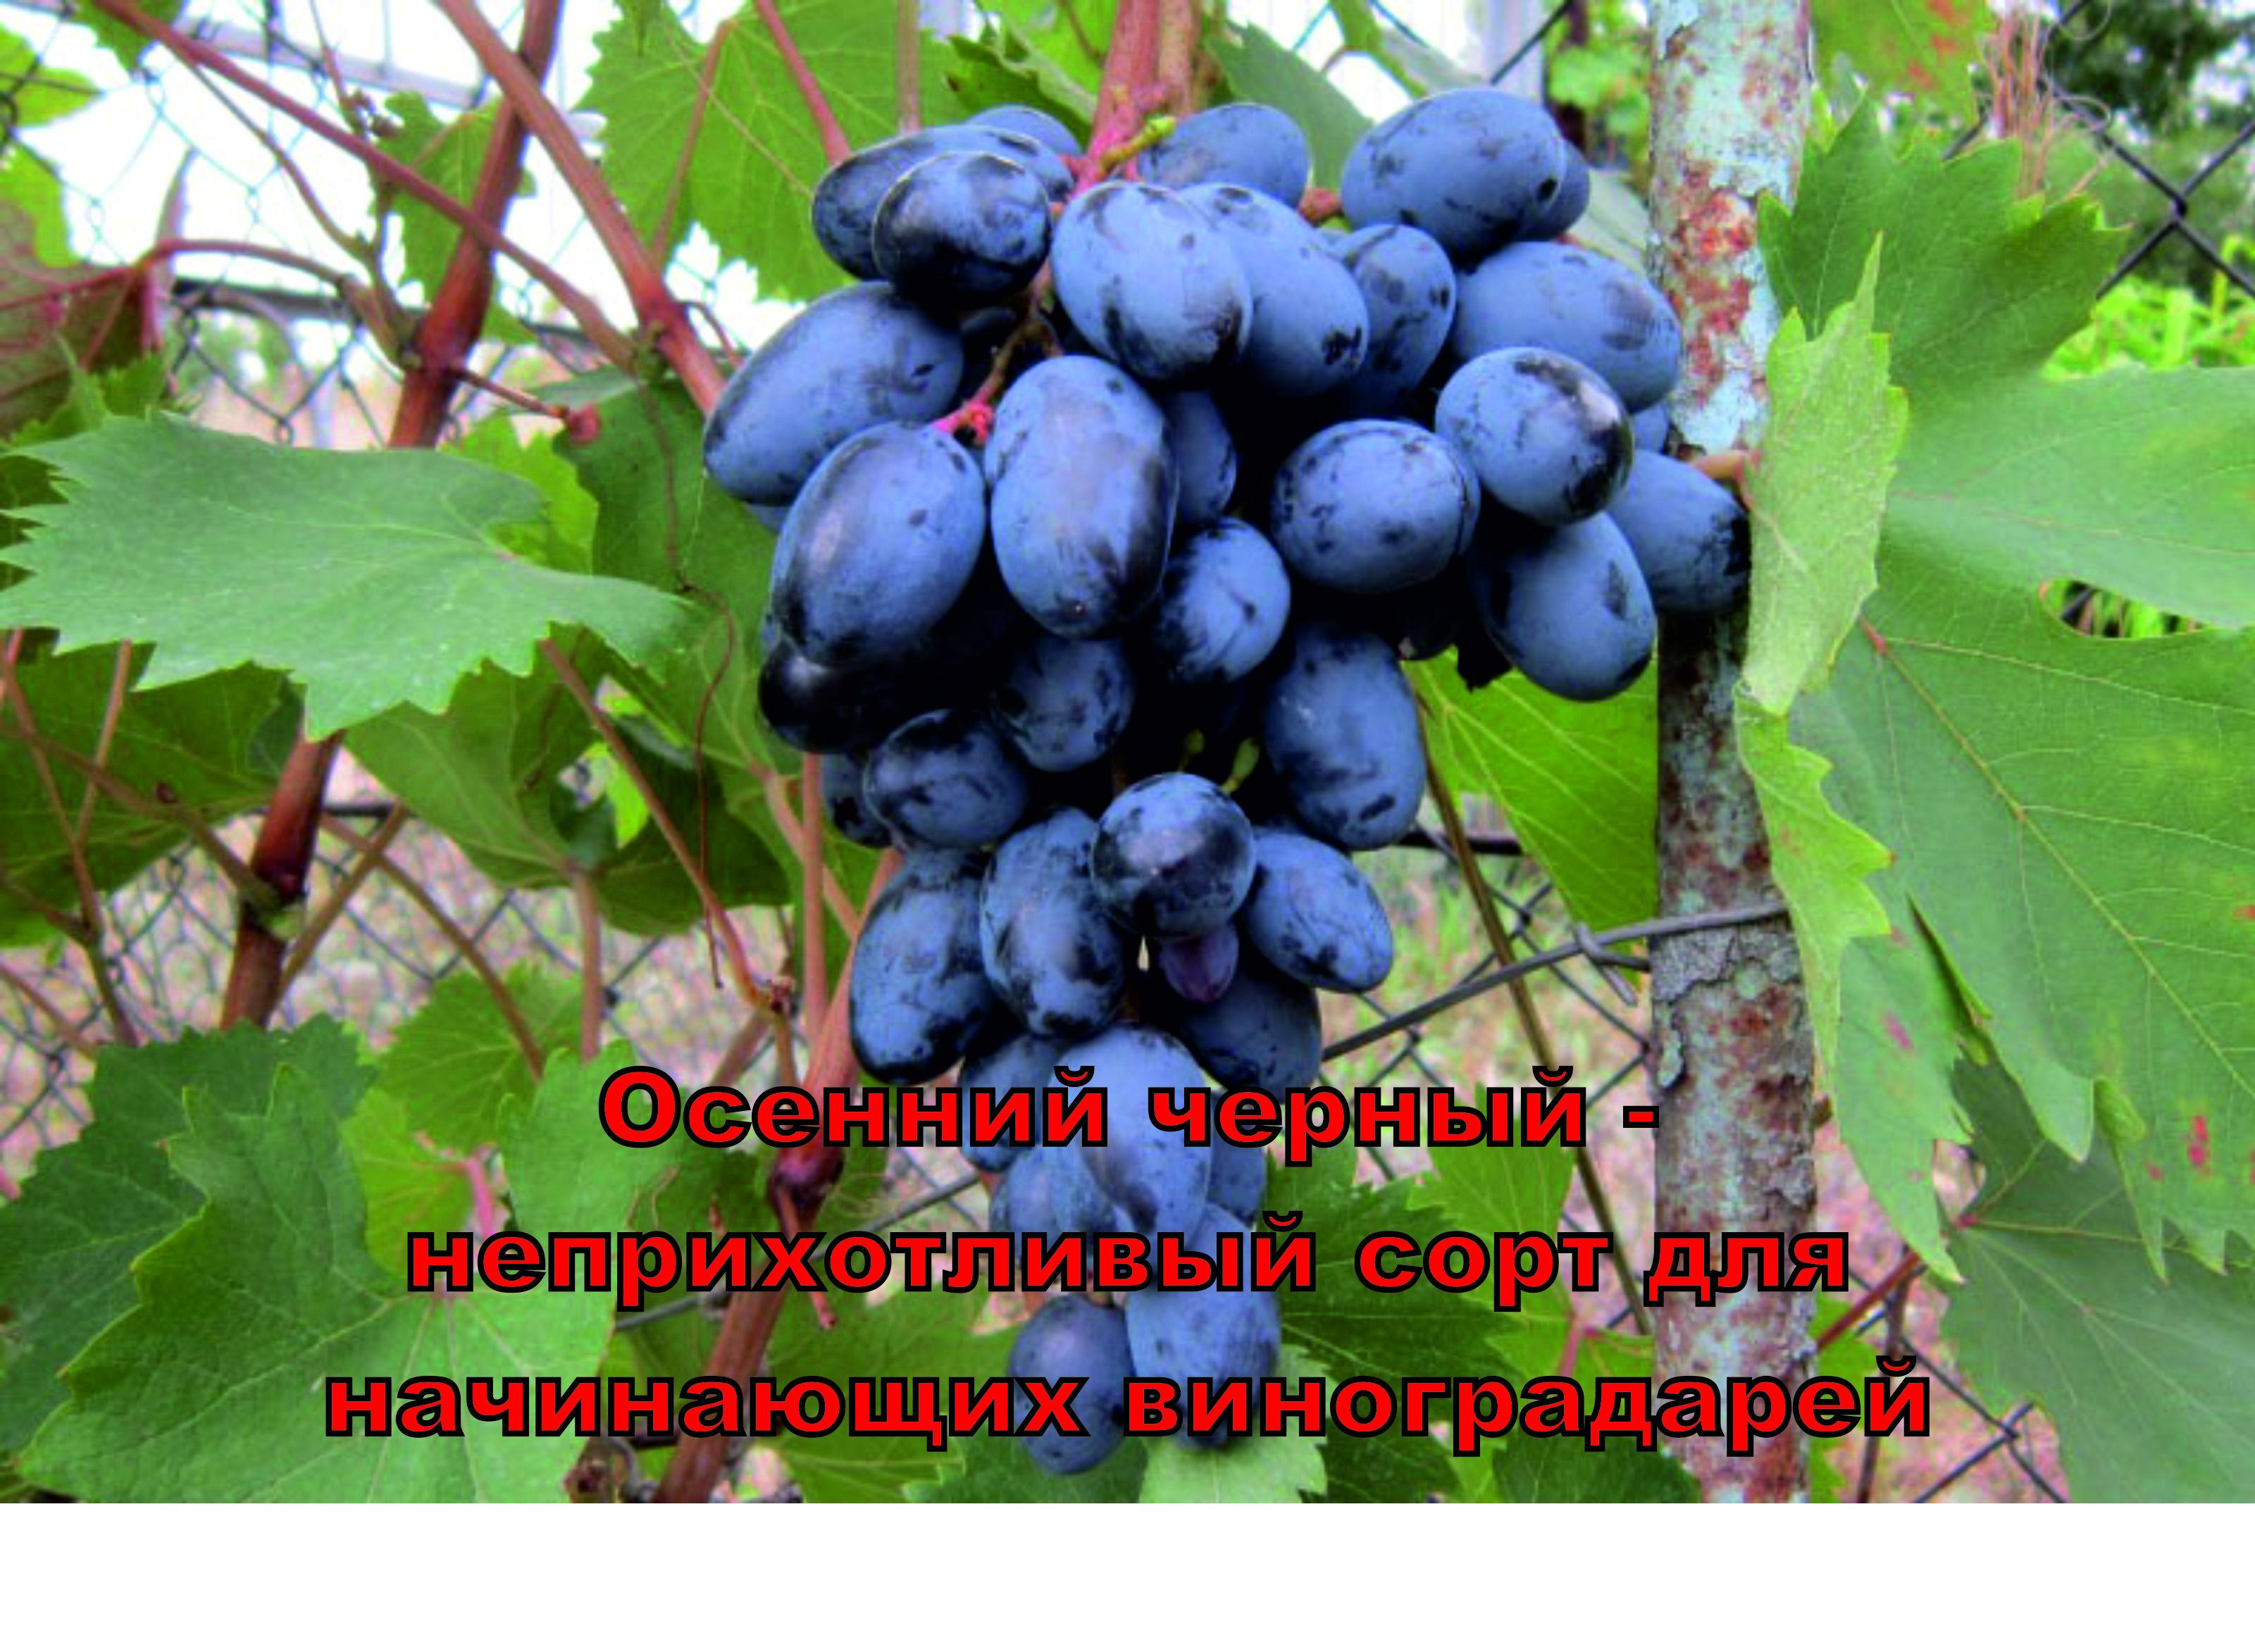 Сорт винограда осенний черный фото